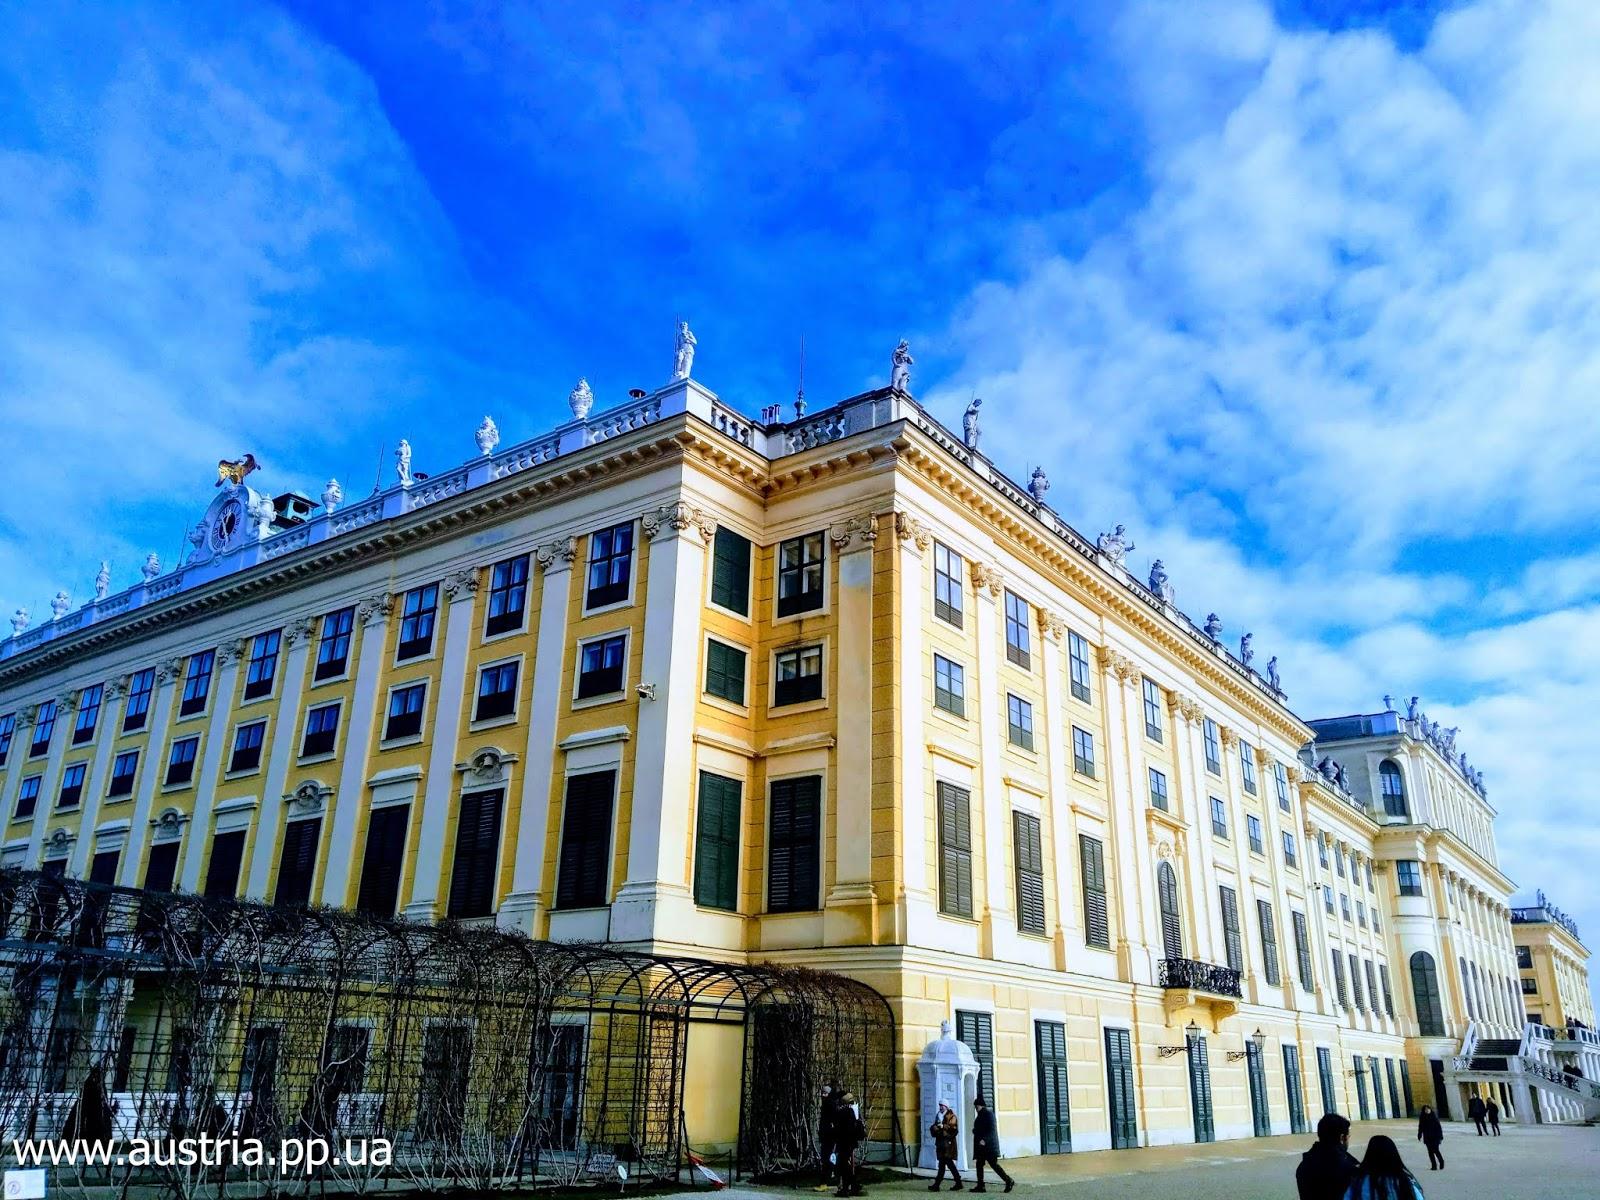 Замок Schloß Schönbrunn в Вене